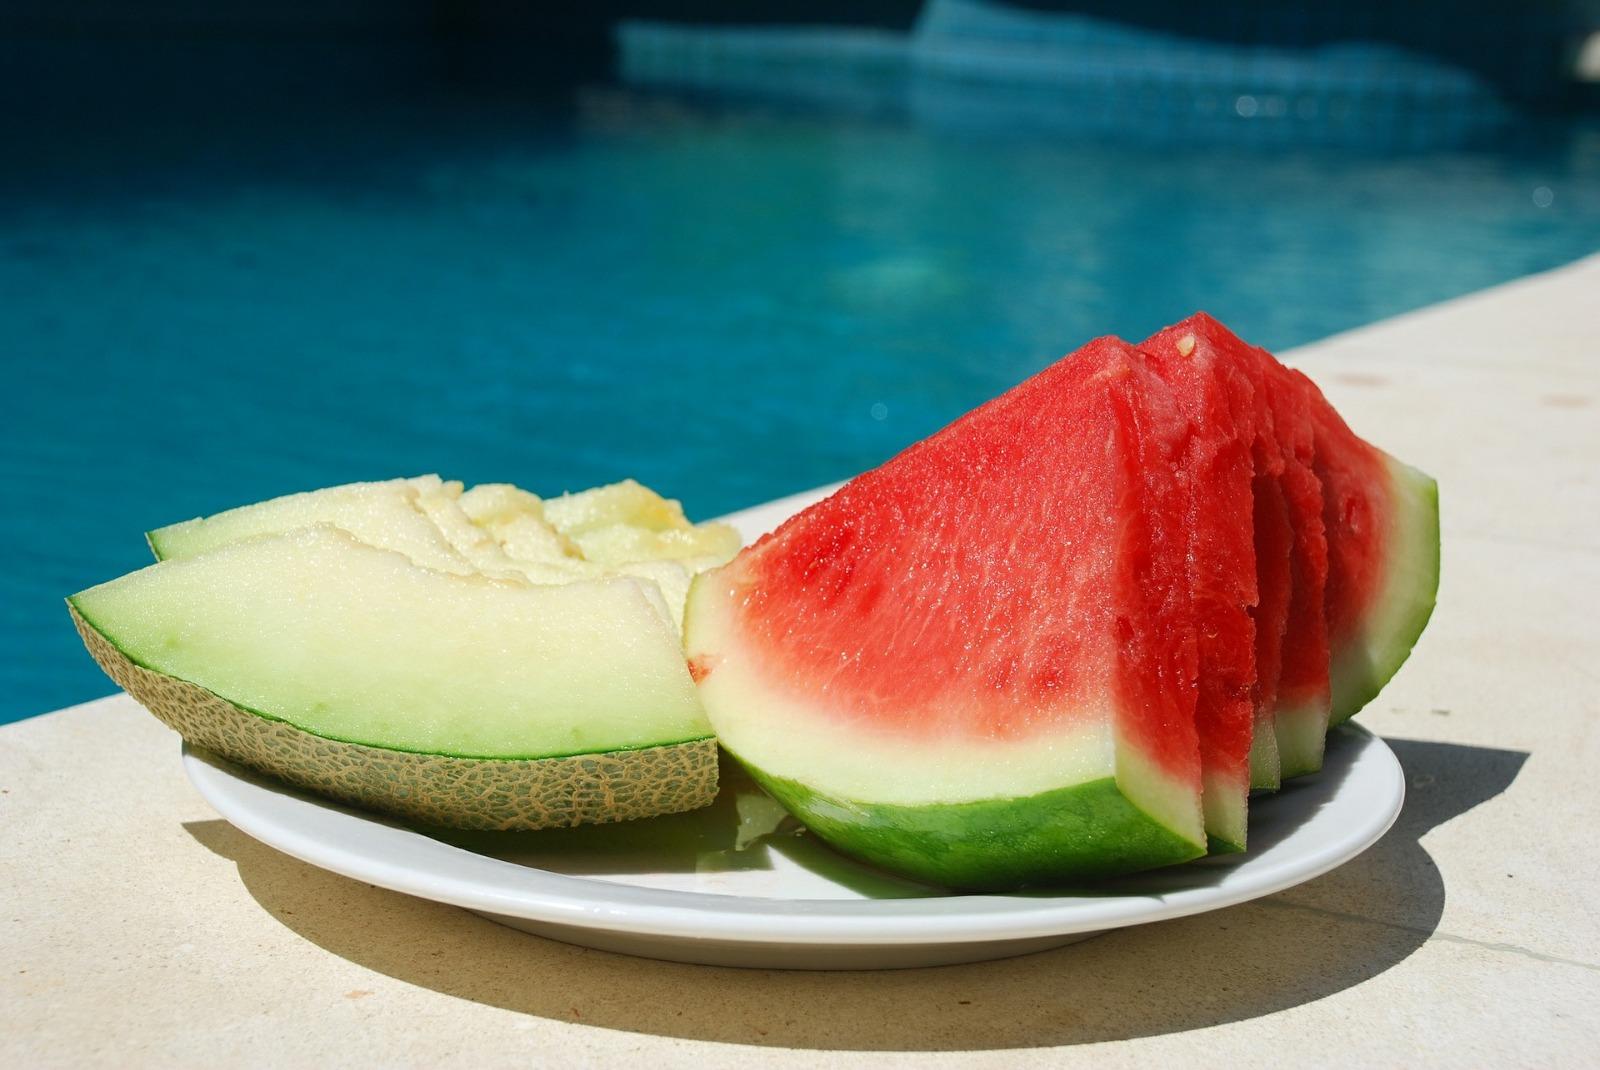 Los alimentos que más convienen en verano (según la Medicina Tradicional China)